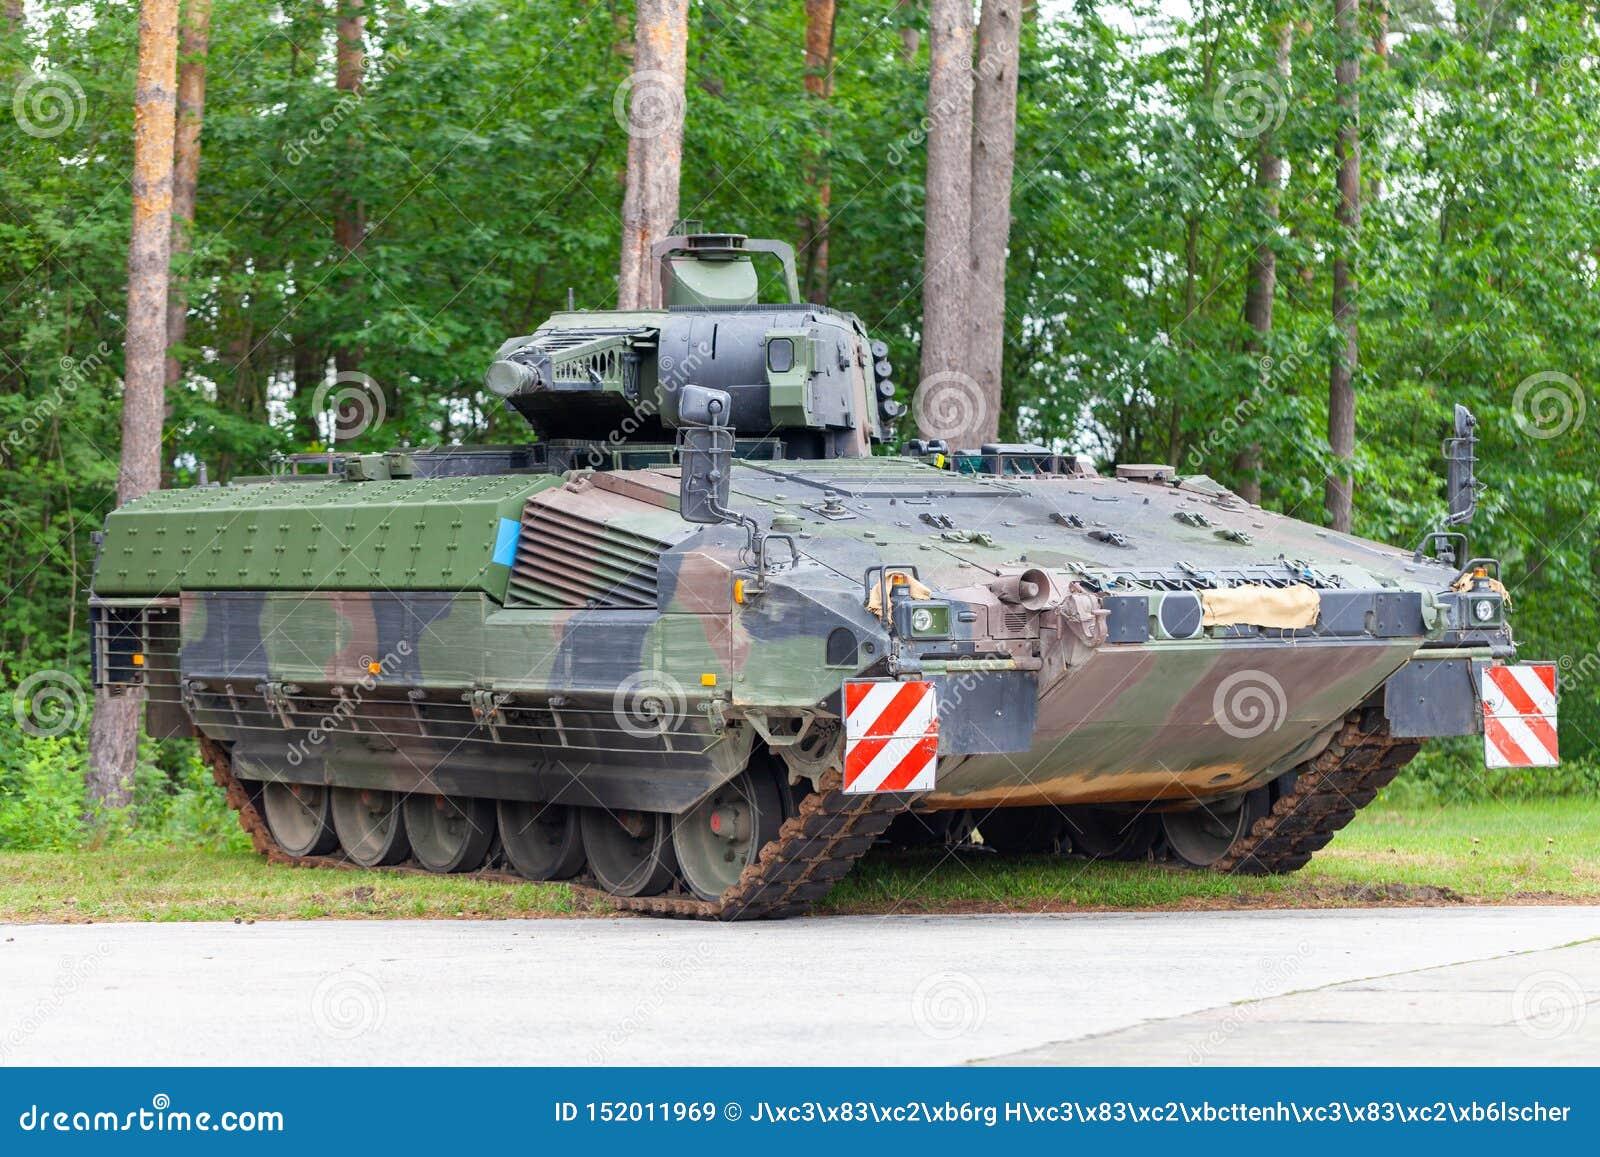 Le véhicule de combat allemand d infanterie se tient sur une rue